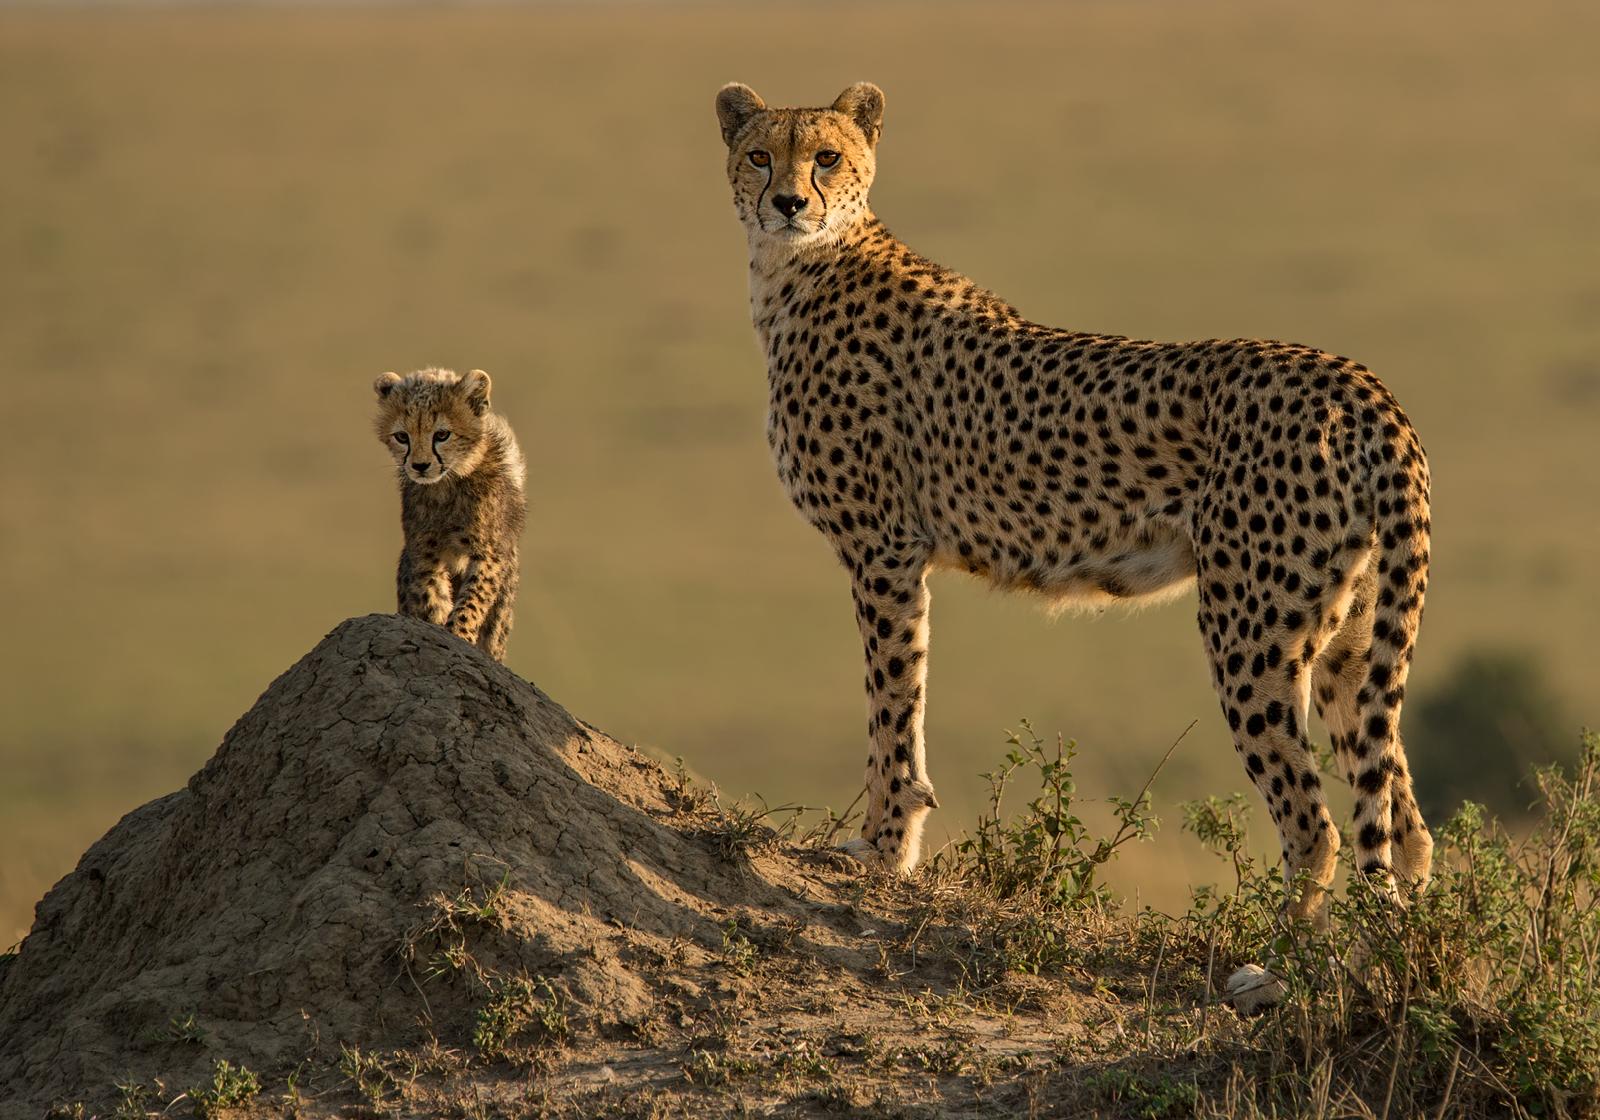 C0755724_Ian Whiston_Alert Cheetah Mother